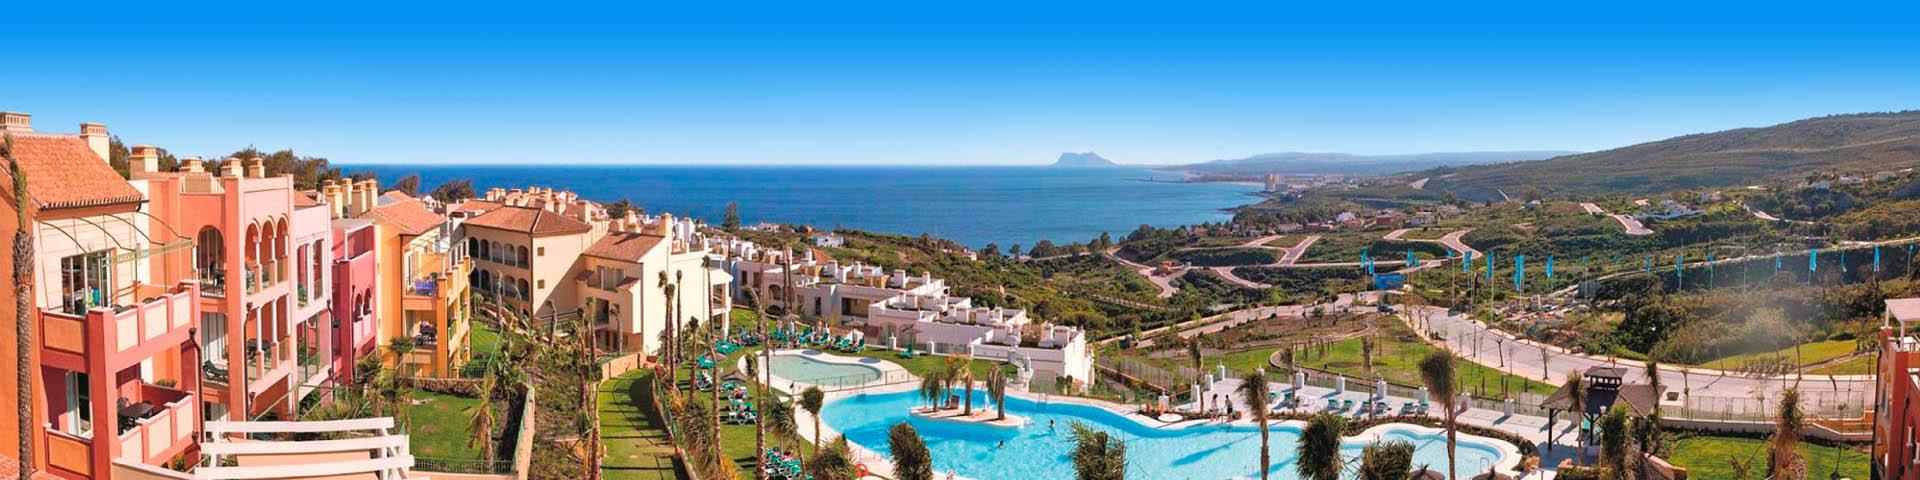 Uitzicht vanaf Pierre et Vacances Terrazas over de baai van Manilva Costa del Sol